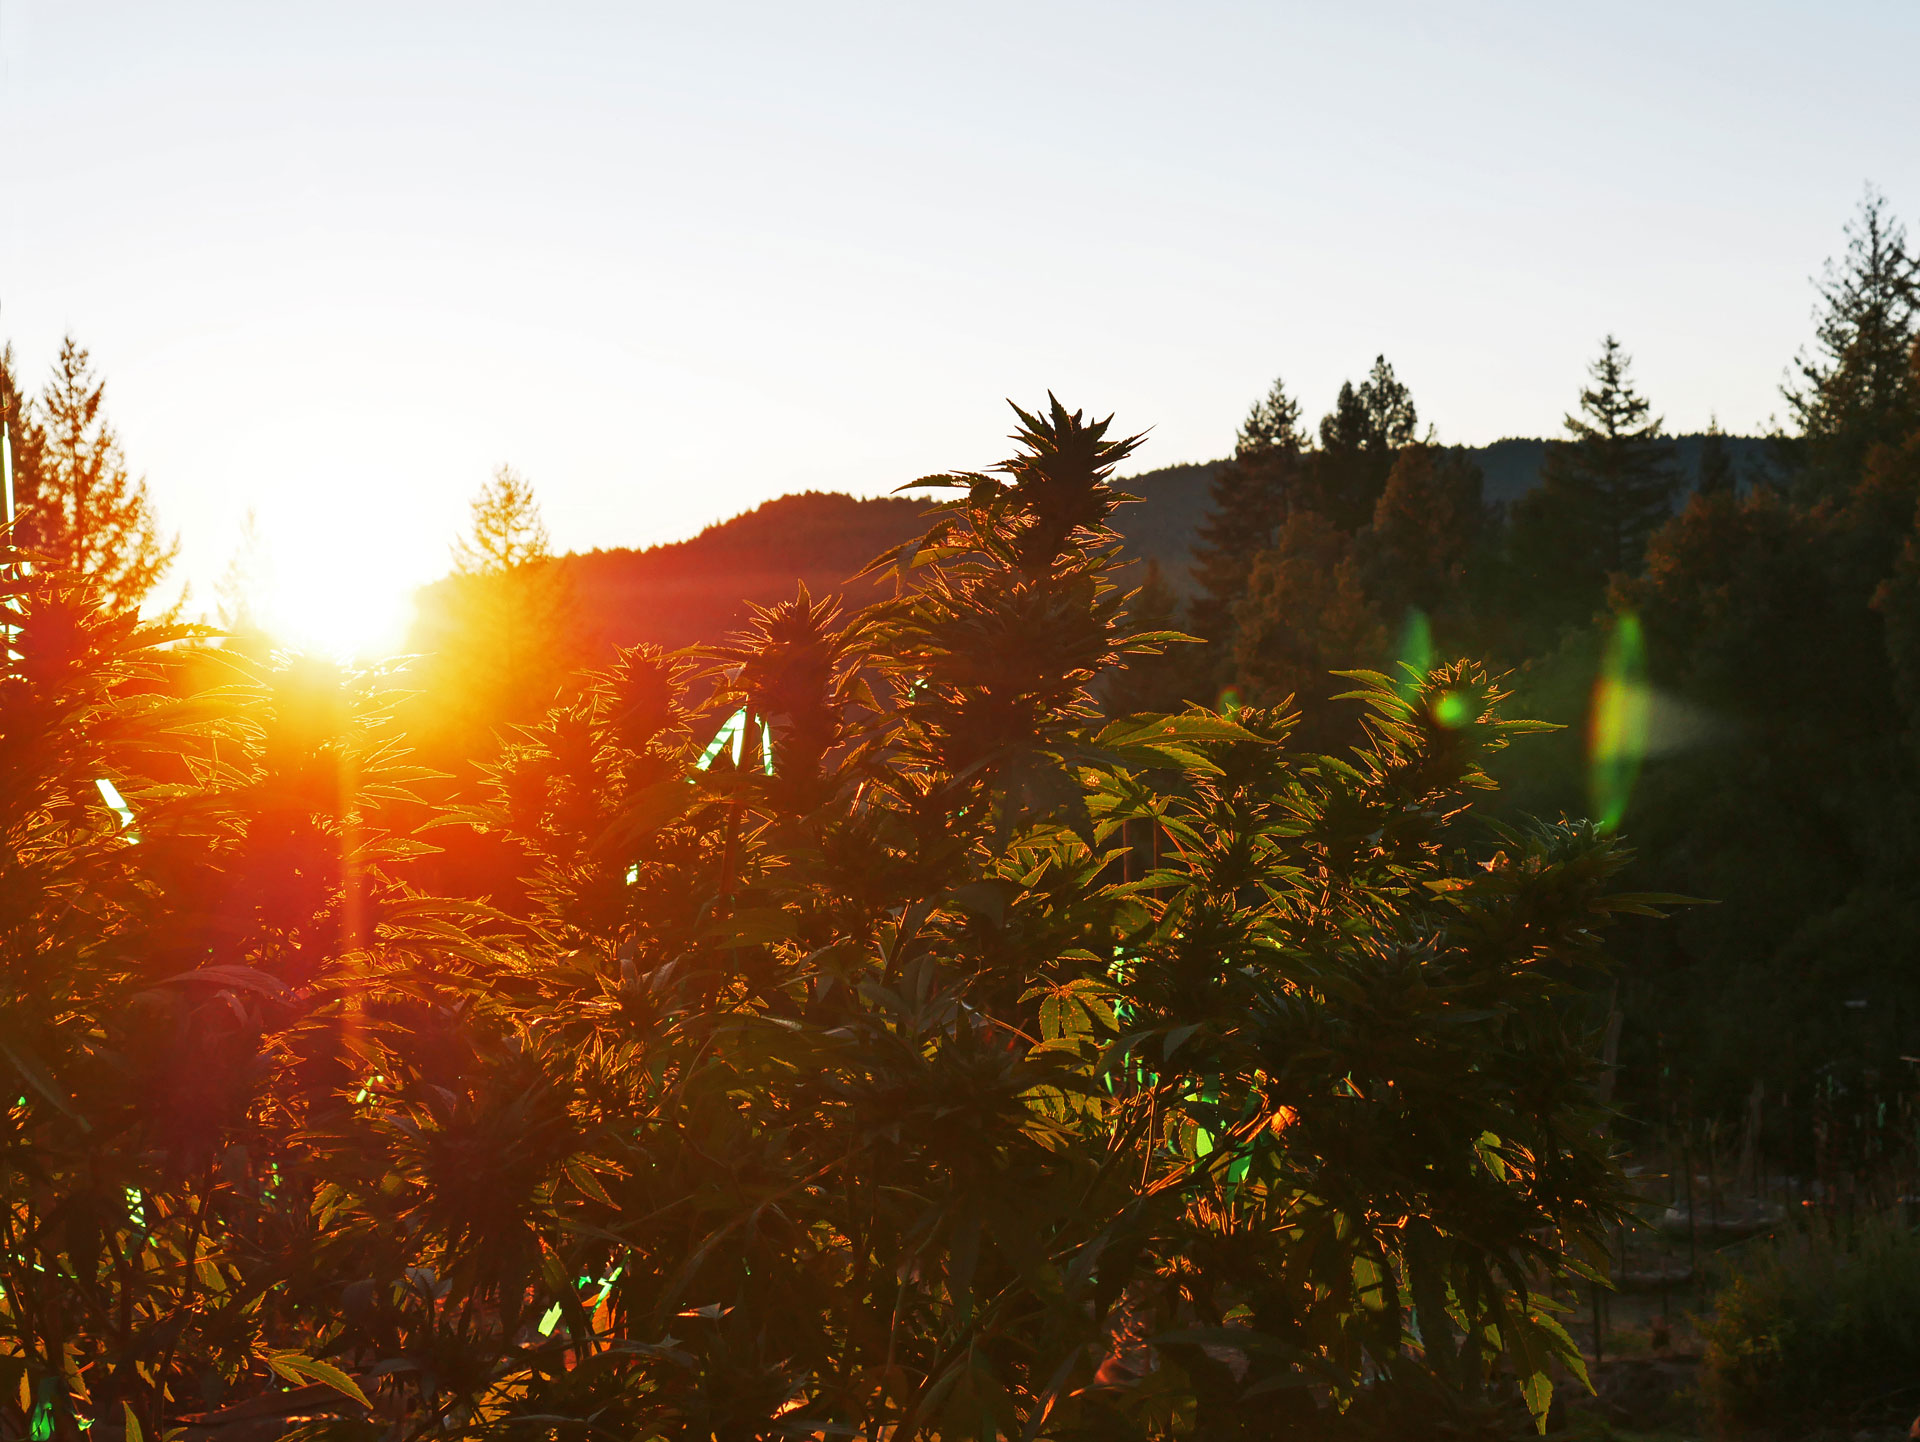 Sunset illuminates weed plants in Northern California